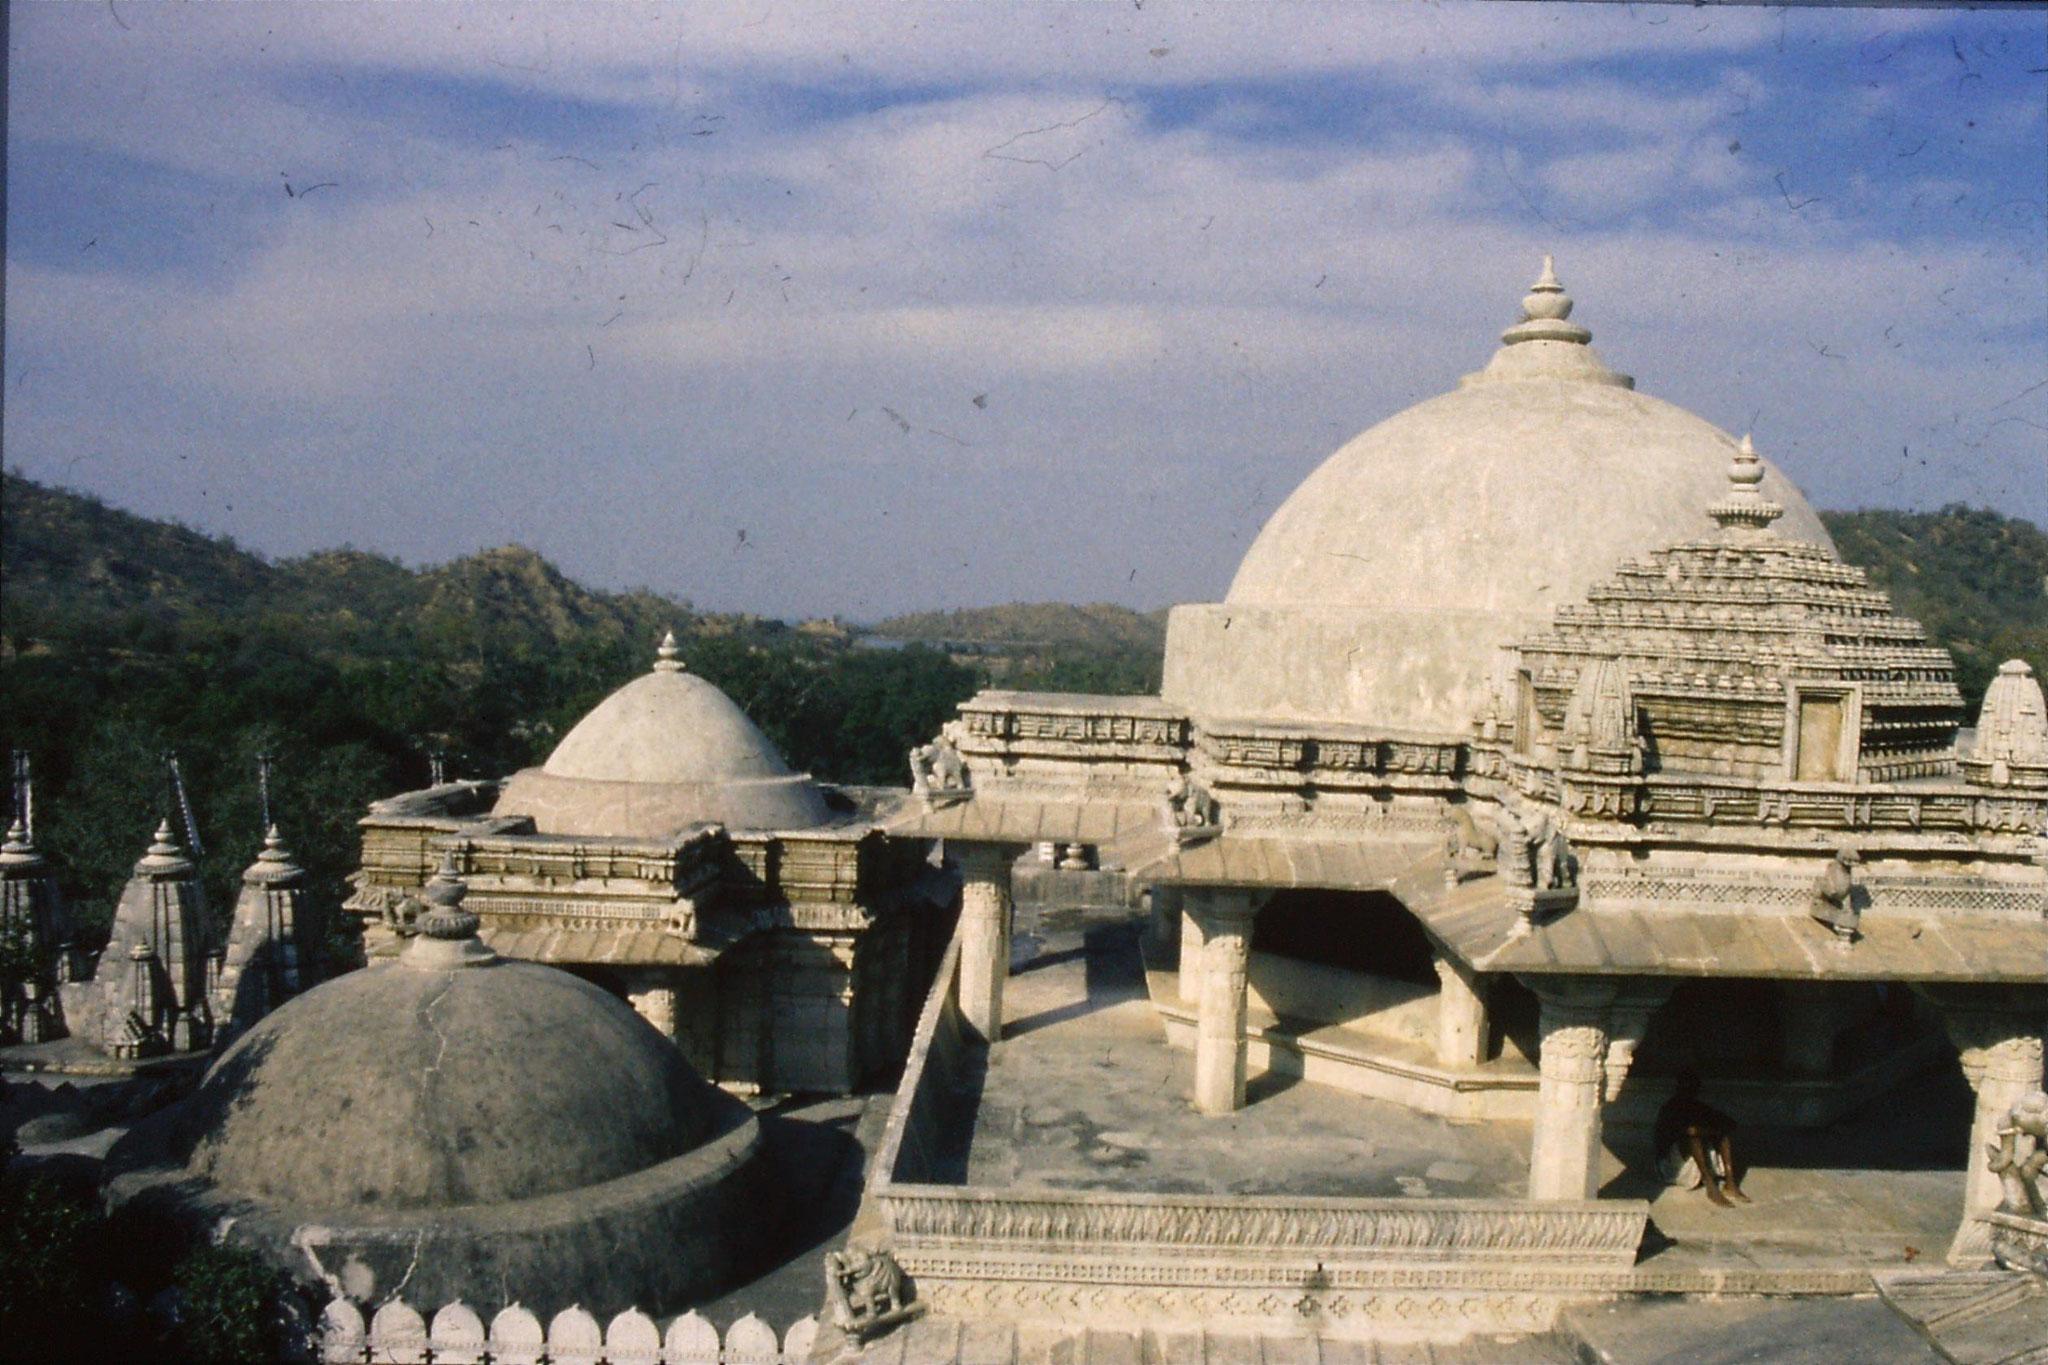 6/12/1989: 15: Ranakpur Jain temple